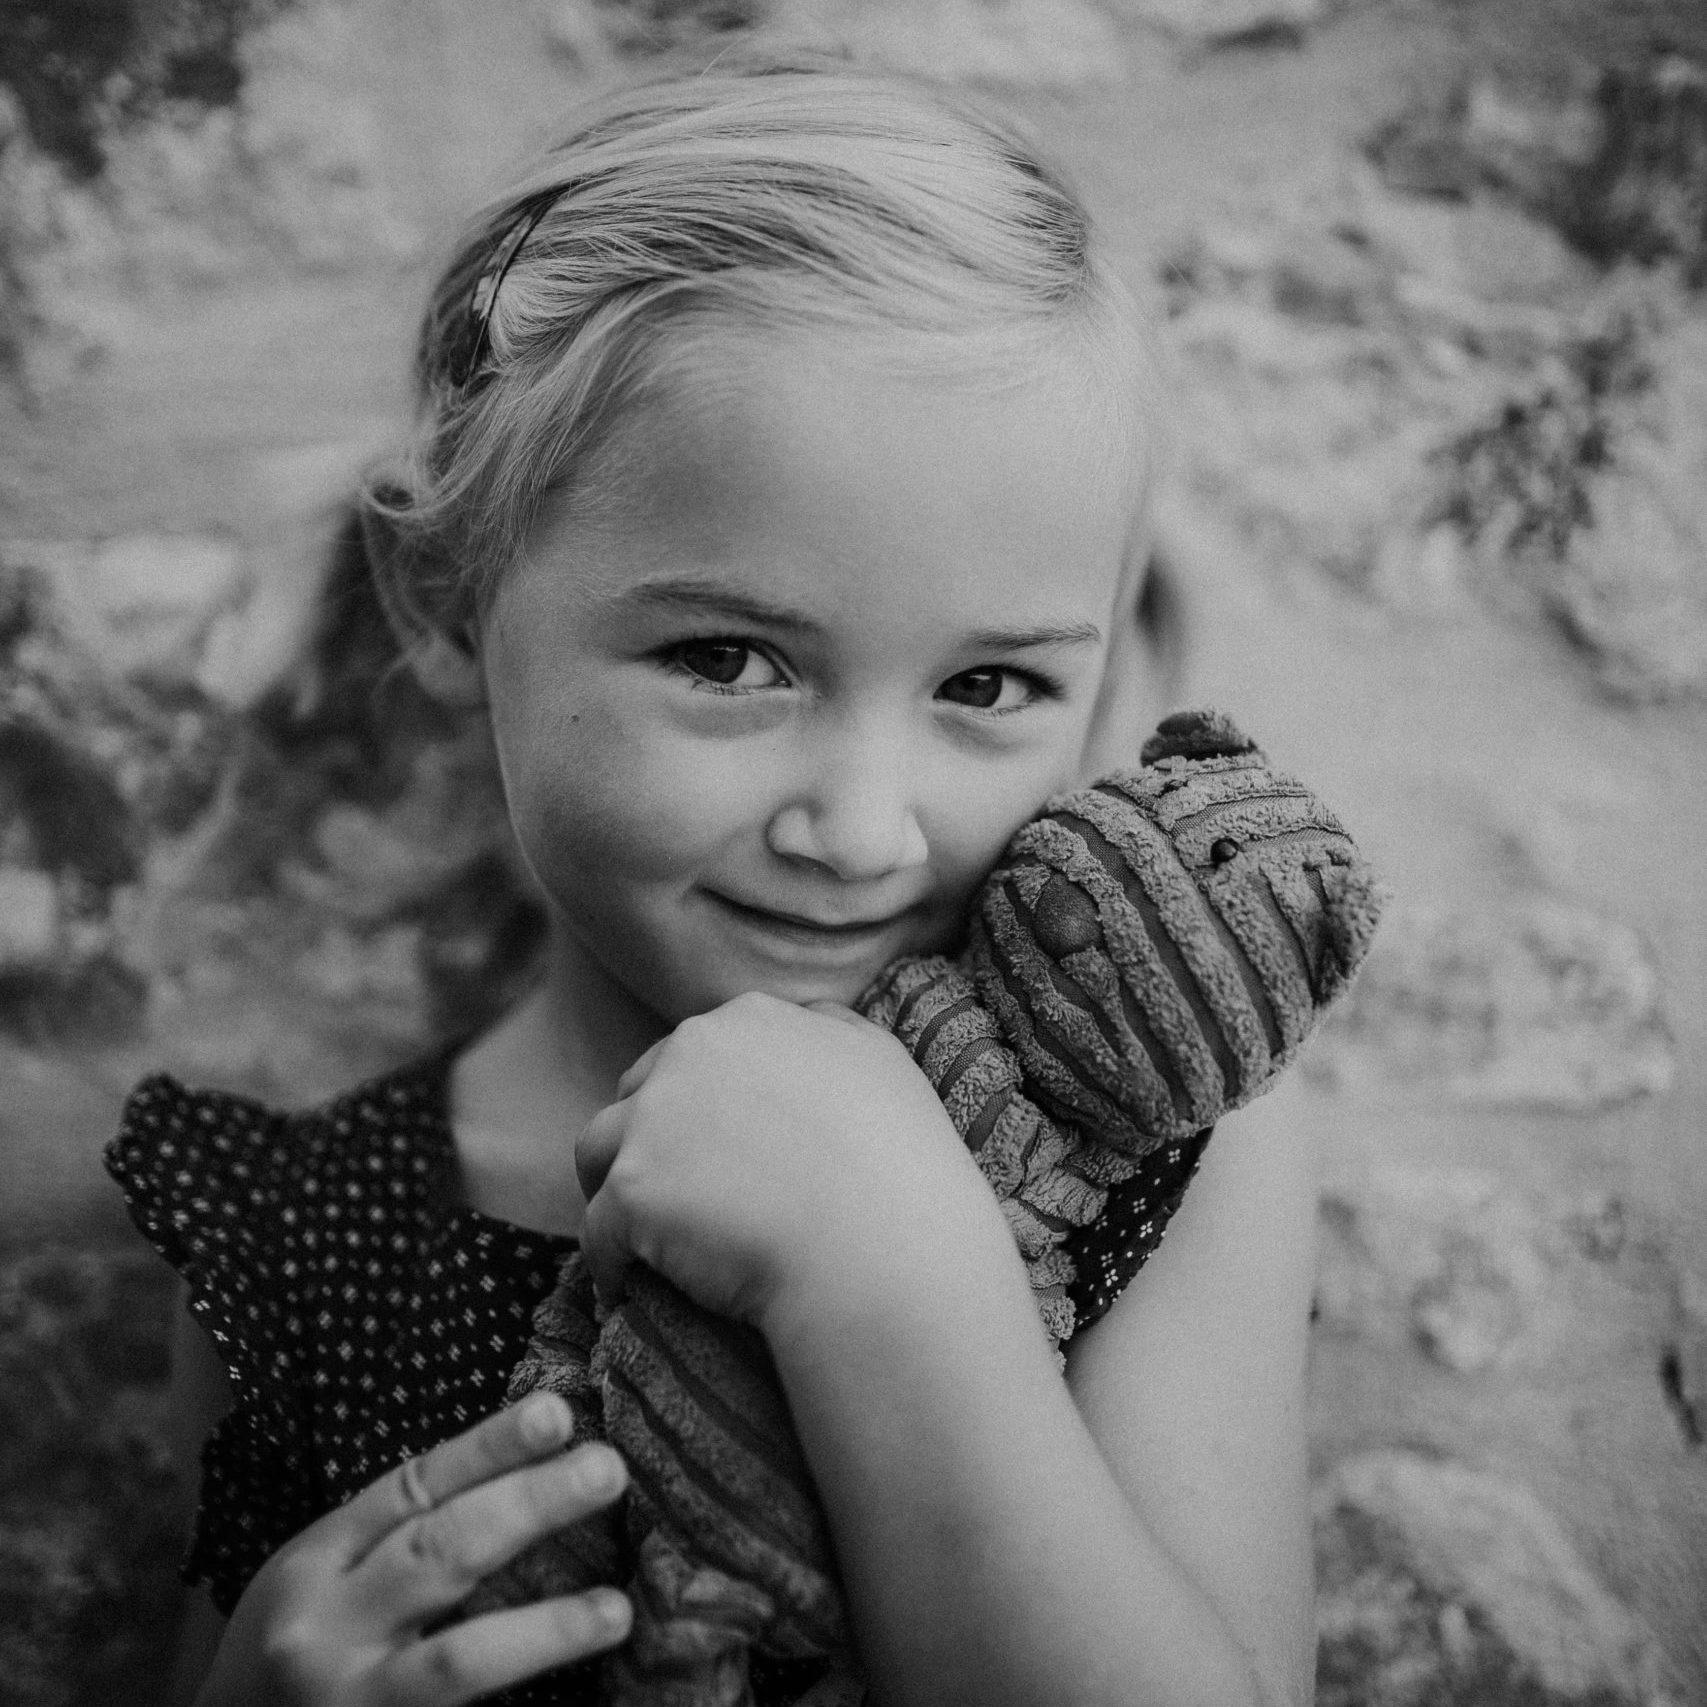 portraits d'enfants au naturel - caroline liabot photographe - photographe famille cannes - photographe lifestyle french riviera - seance photo famille a domicile -